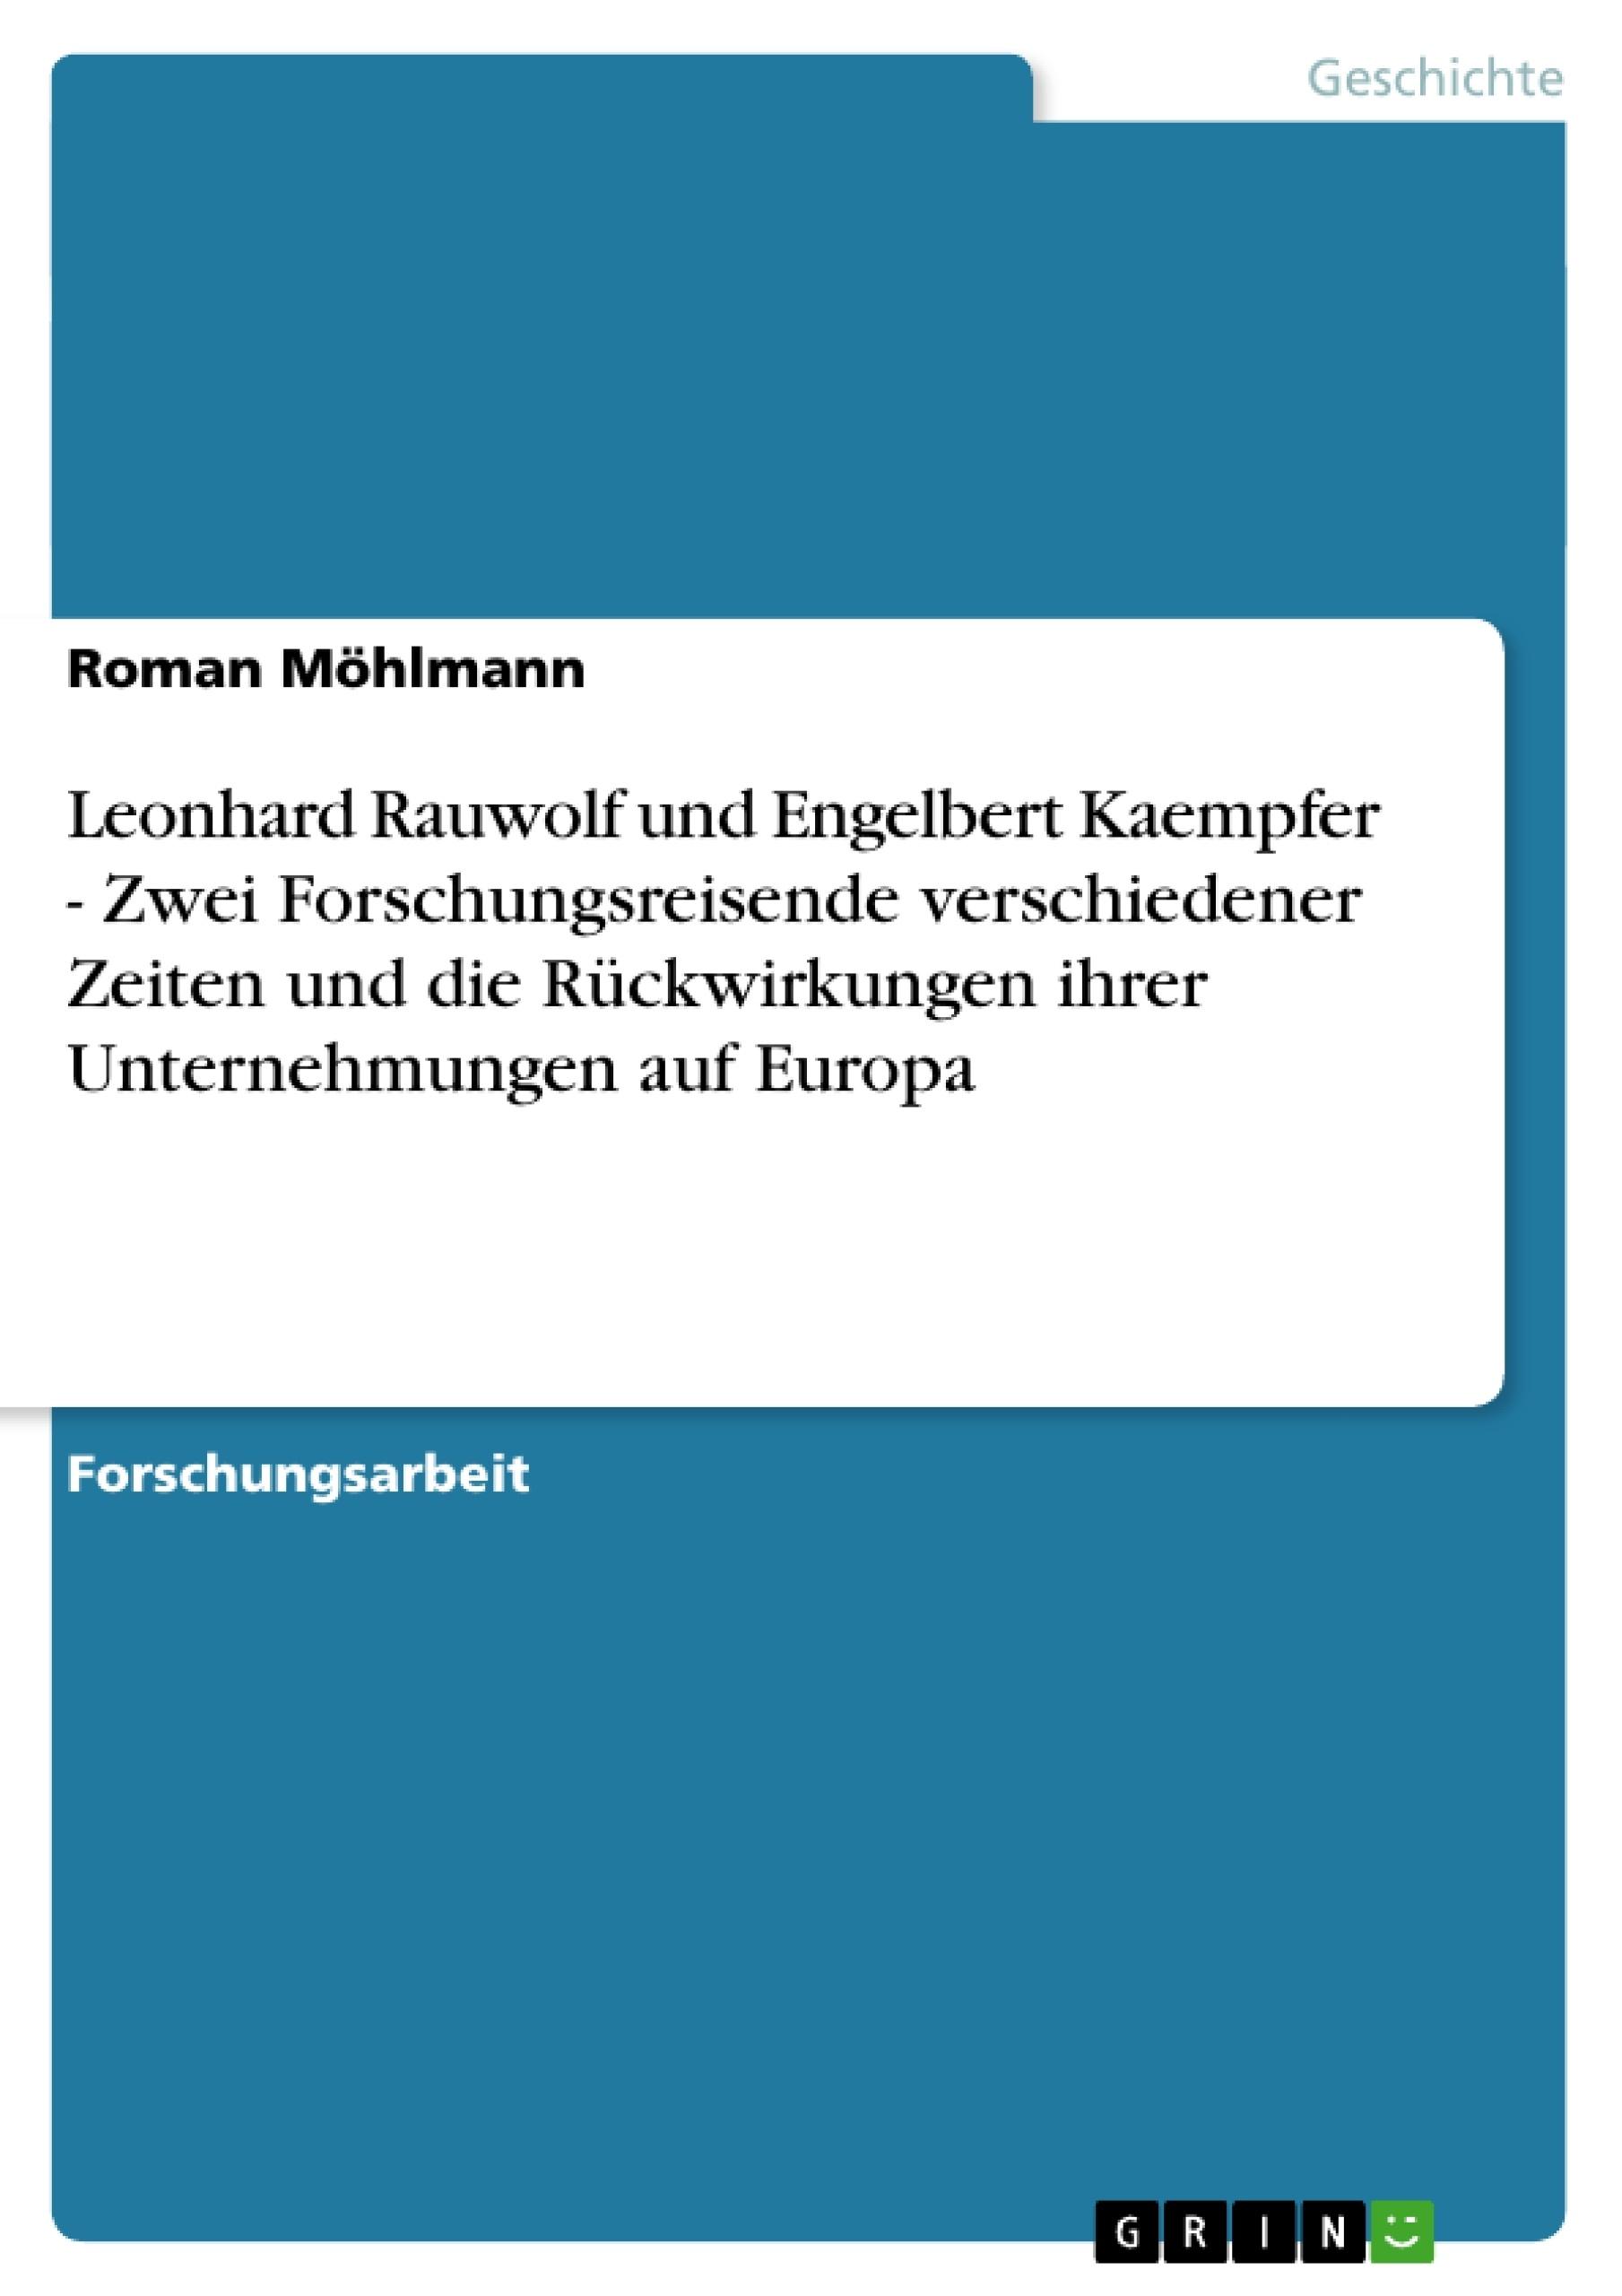 Titel: Leonhard Rauwolf und Engelbert Kaempfer - Zwei Forschungsreisende verschiedener Zeiten und die Rückwirkungen ihrer Unternehmungen auf Europa